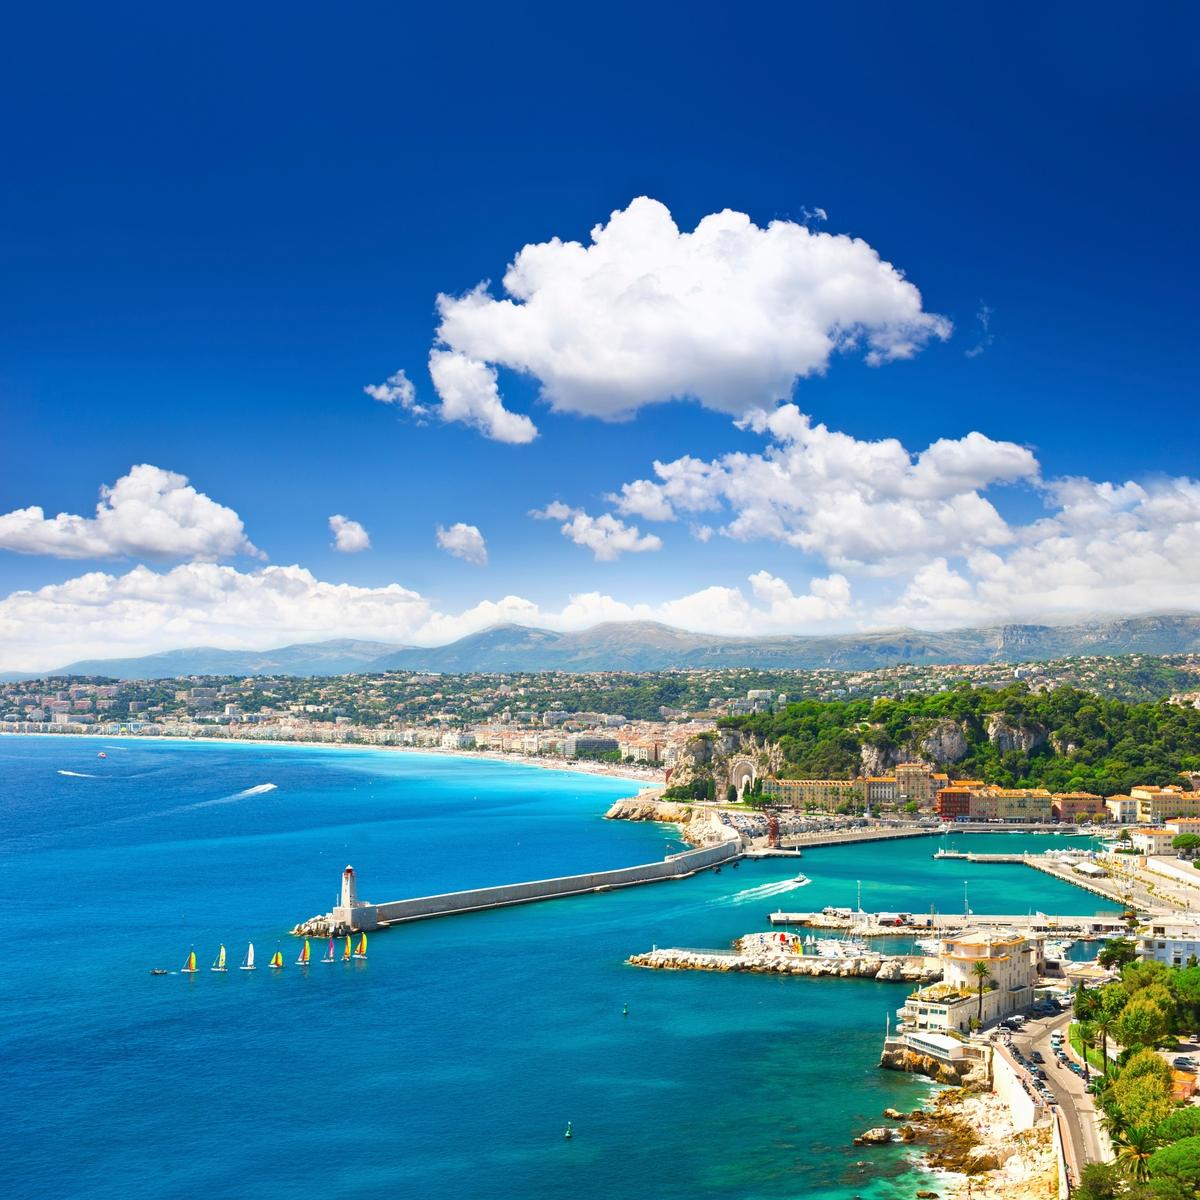 Θέα της Νίκαιας από ψηλά - Γαλλική εναντίον Ιταλικής Ριβιέρας